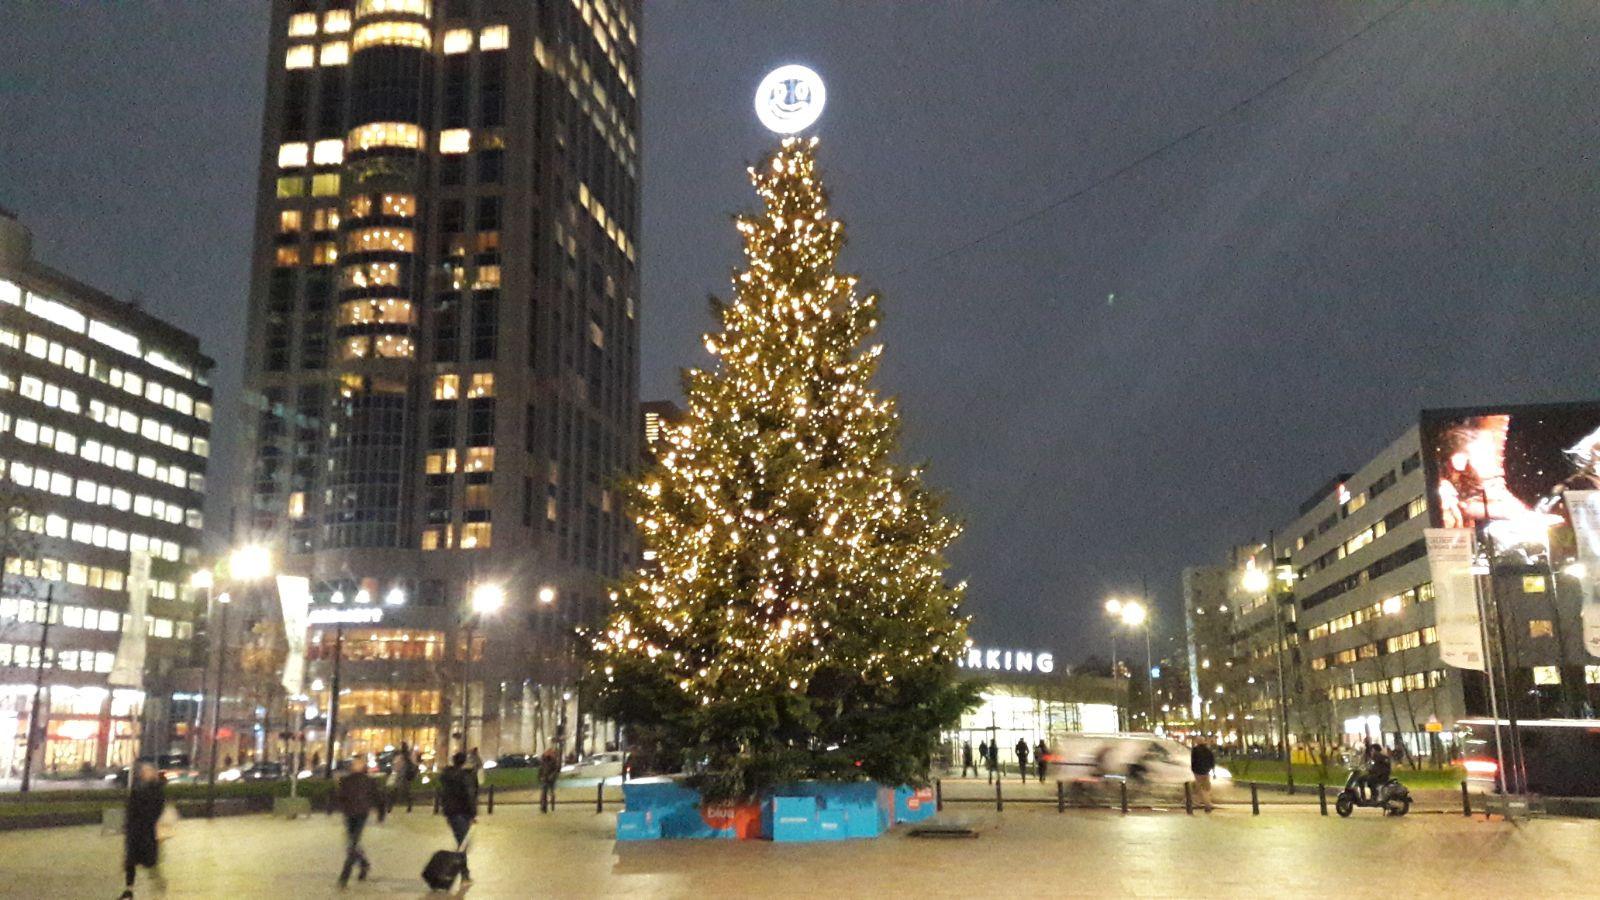 Kerstboom Stationsplein Schittert Met 17 000 Lichtjes Foto Ad Nl